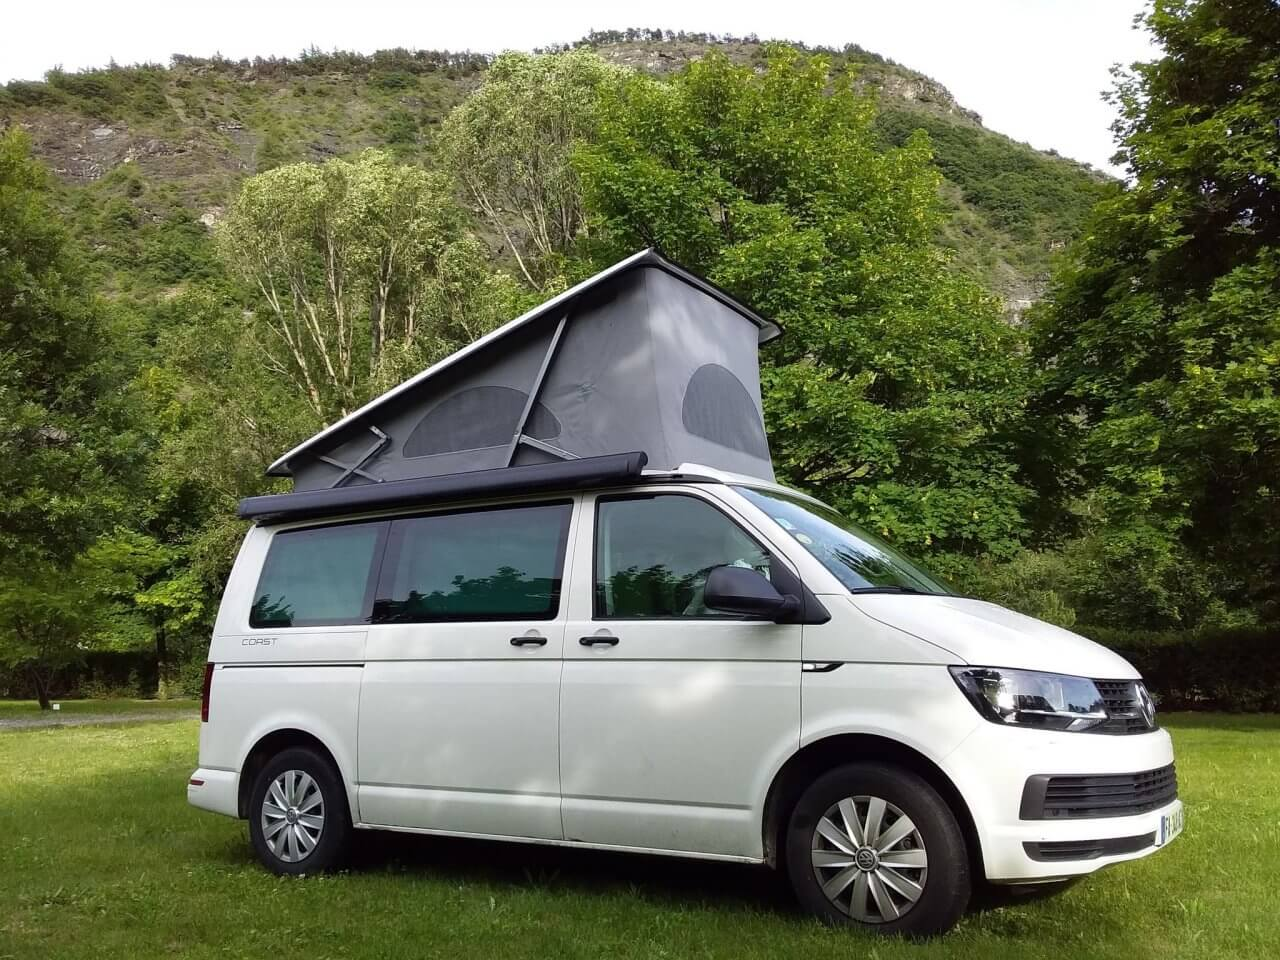 Location de Van aménagé Lille Valenciennes Mybiglittlevan Volkswagen California Coast 6.1 blanc toit relevé face à la montagne